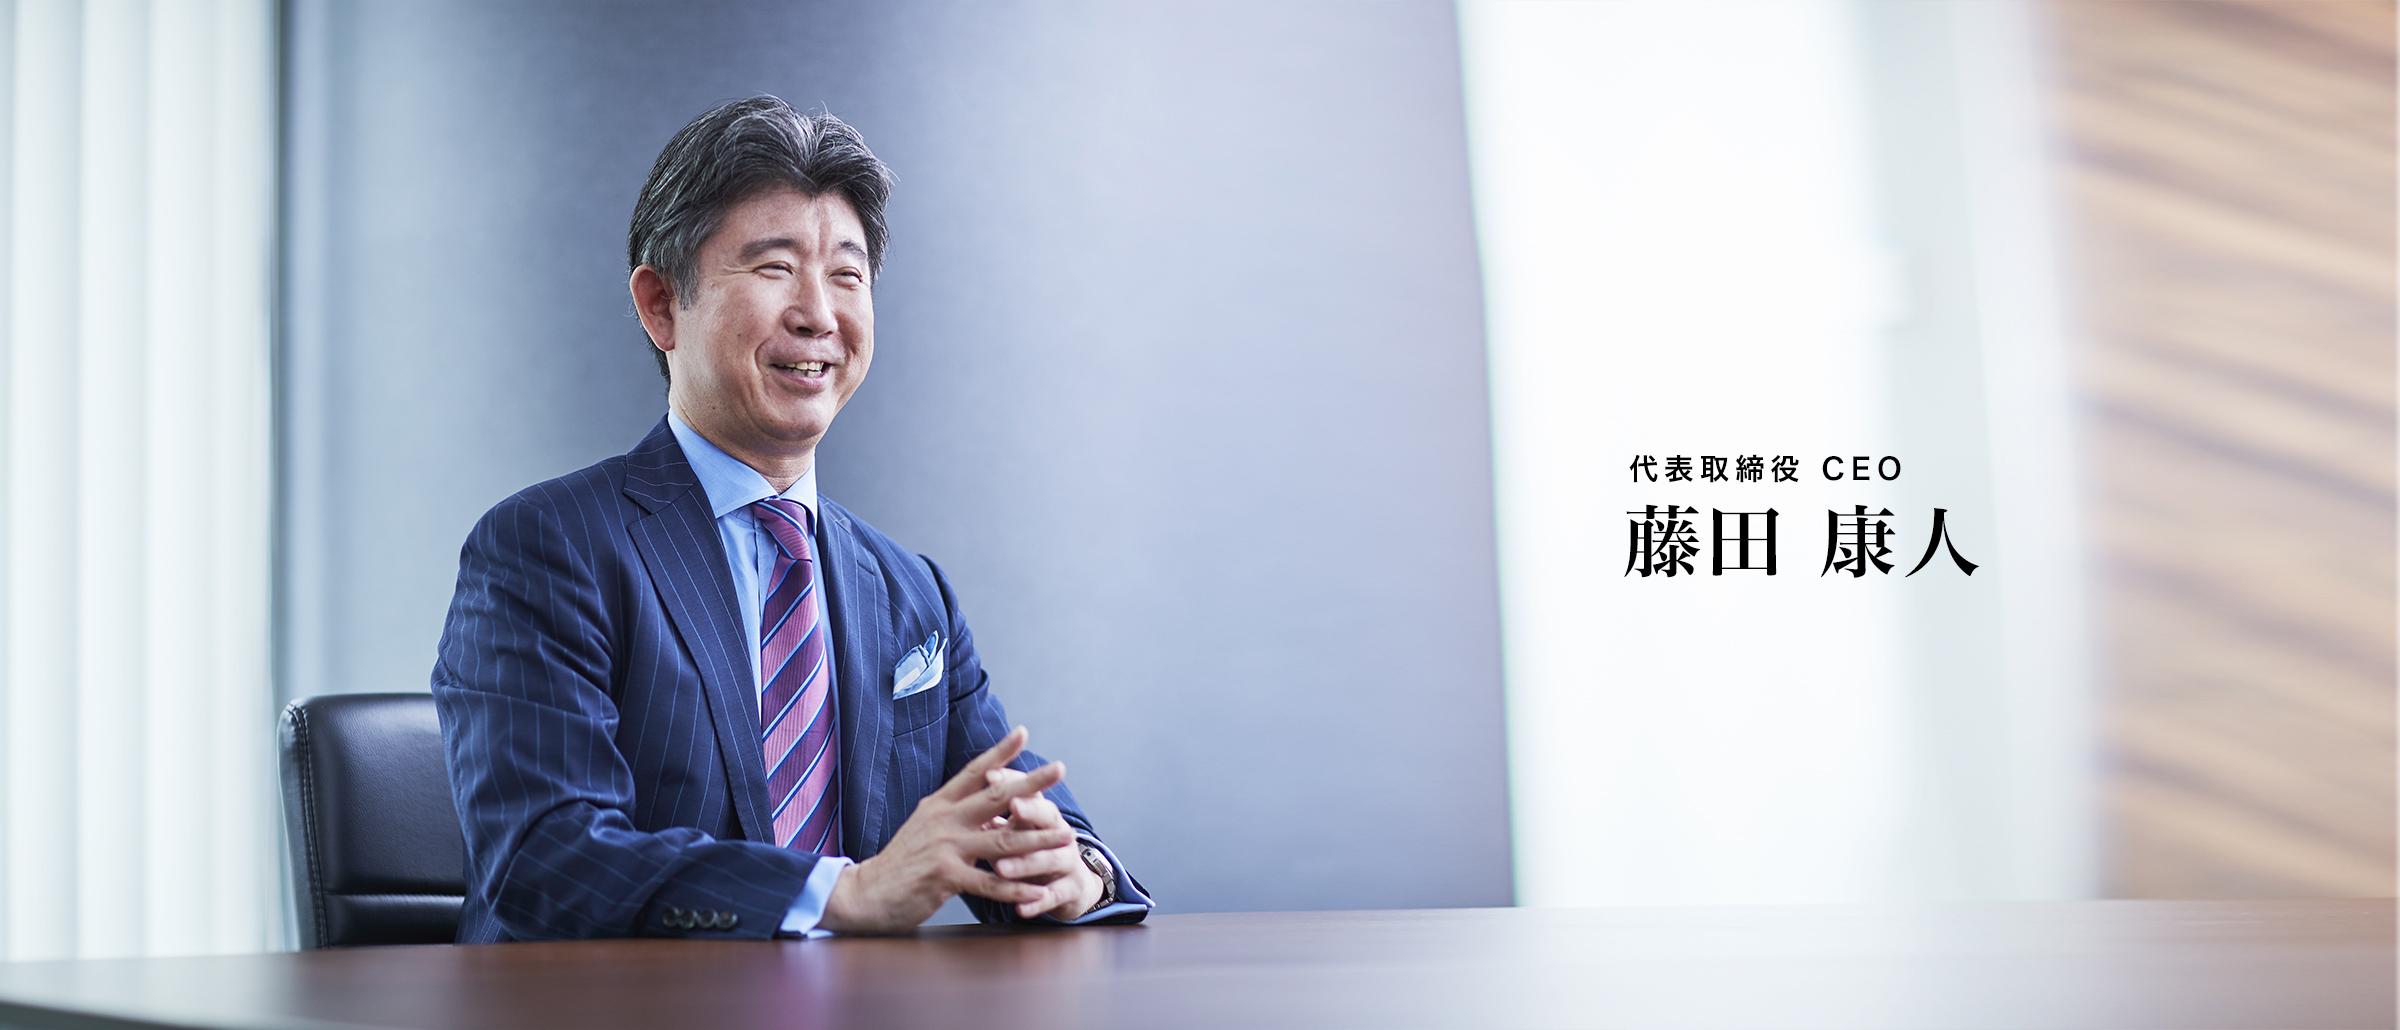 代表取締役 CEO 藤田 康人